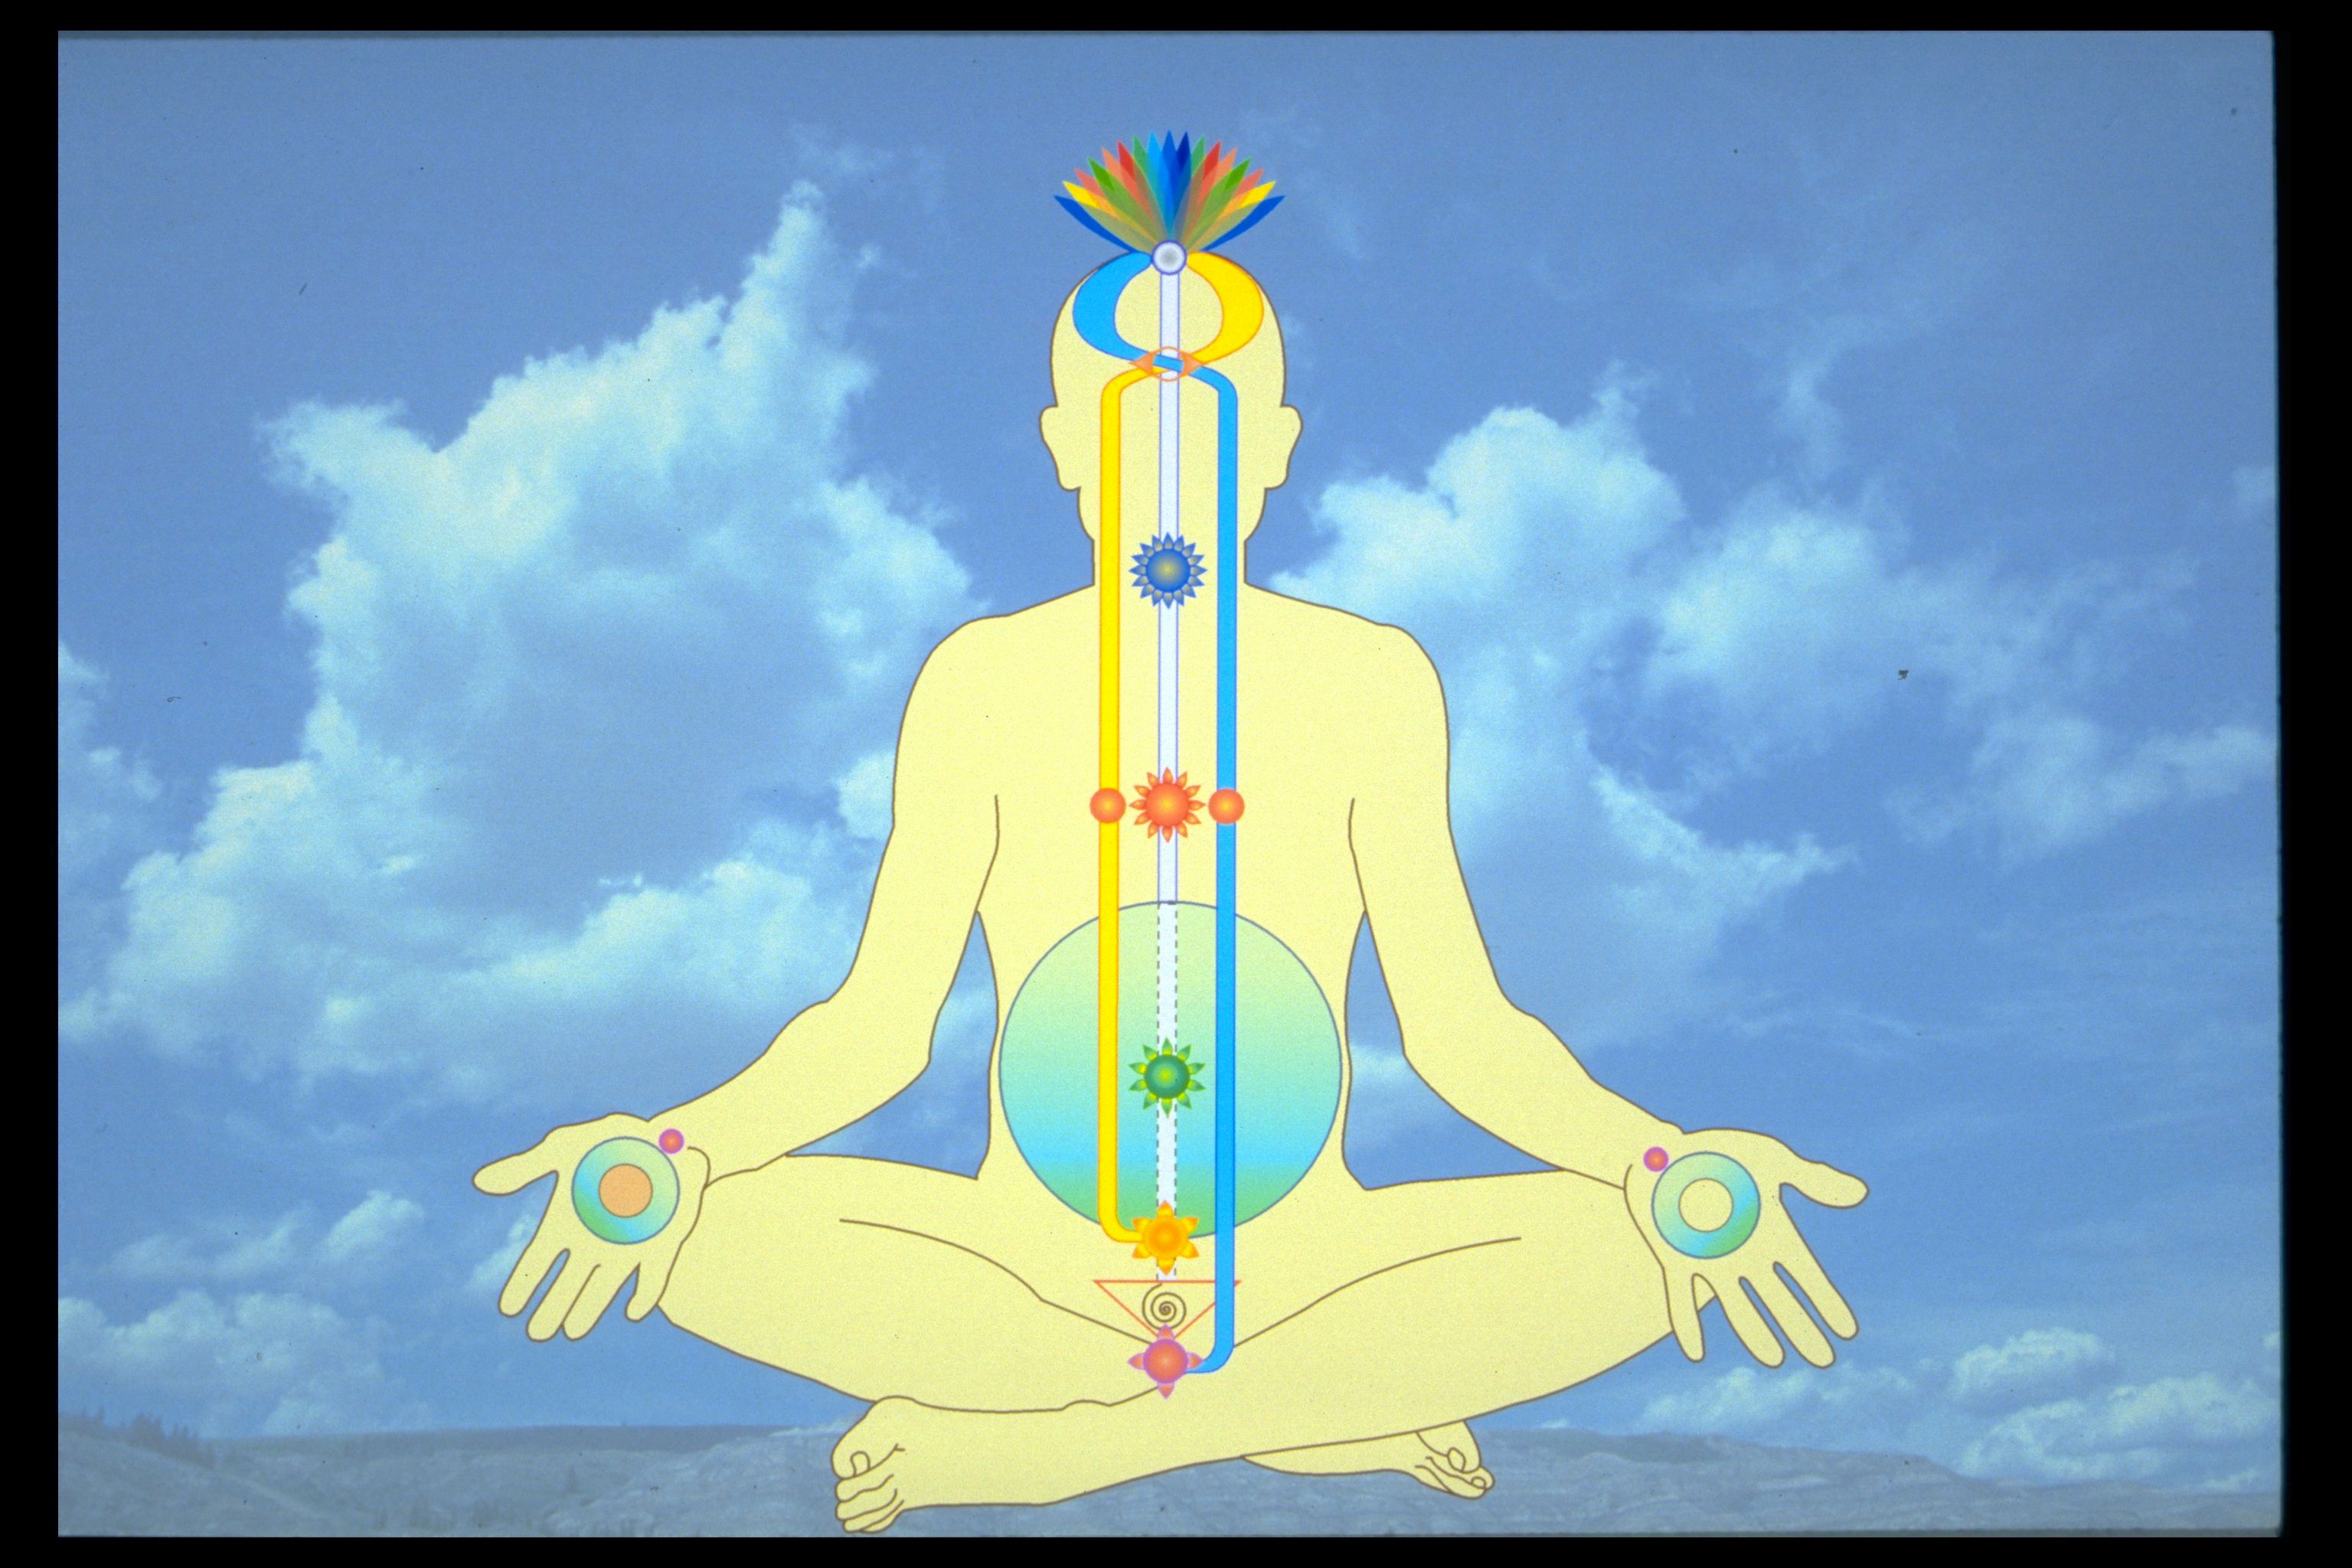 Free Yoga Meditation Omagh